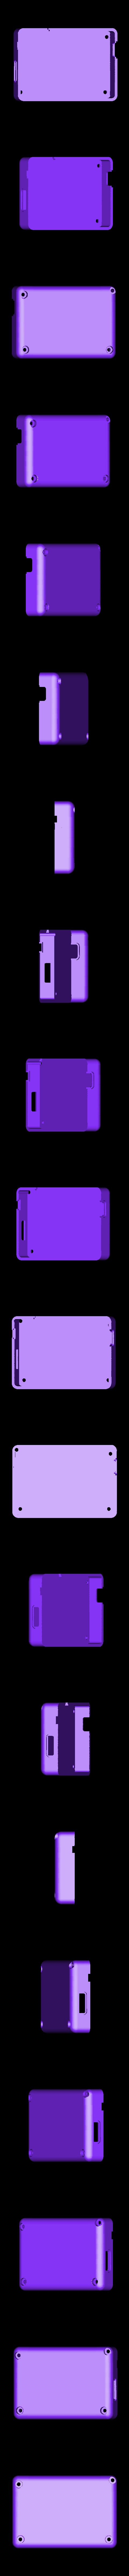 Gameboy_Nano_back.stl Télécharger fichier STL gratuit Pi Zero - Gameboy NANO • Design imprimable en 3D, Lassaalk